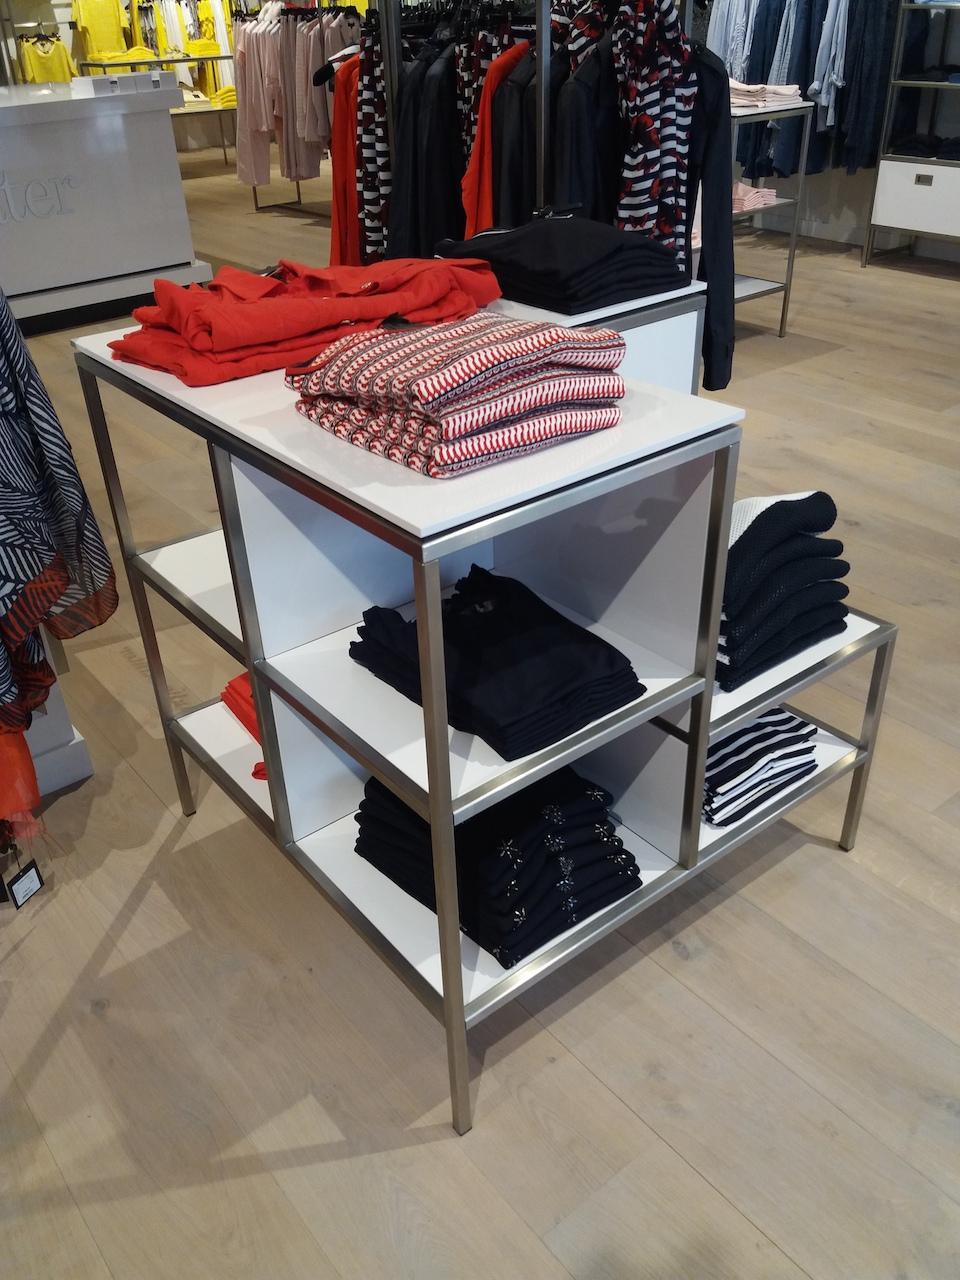 Presentatietafel van rvs en wit hoogglans in kledingwinkel